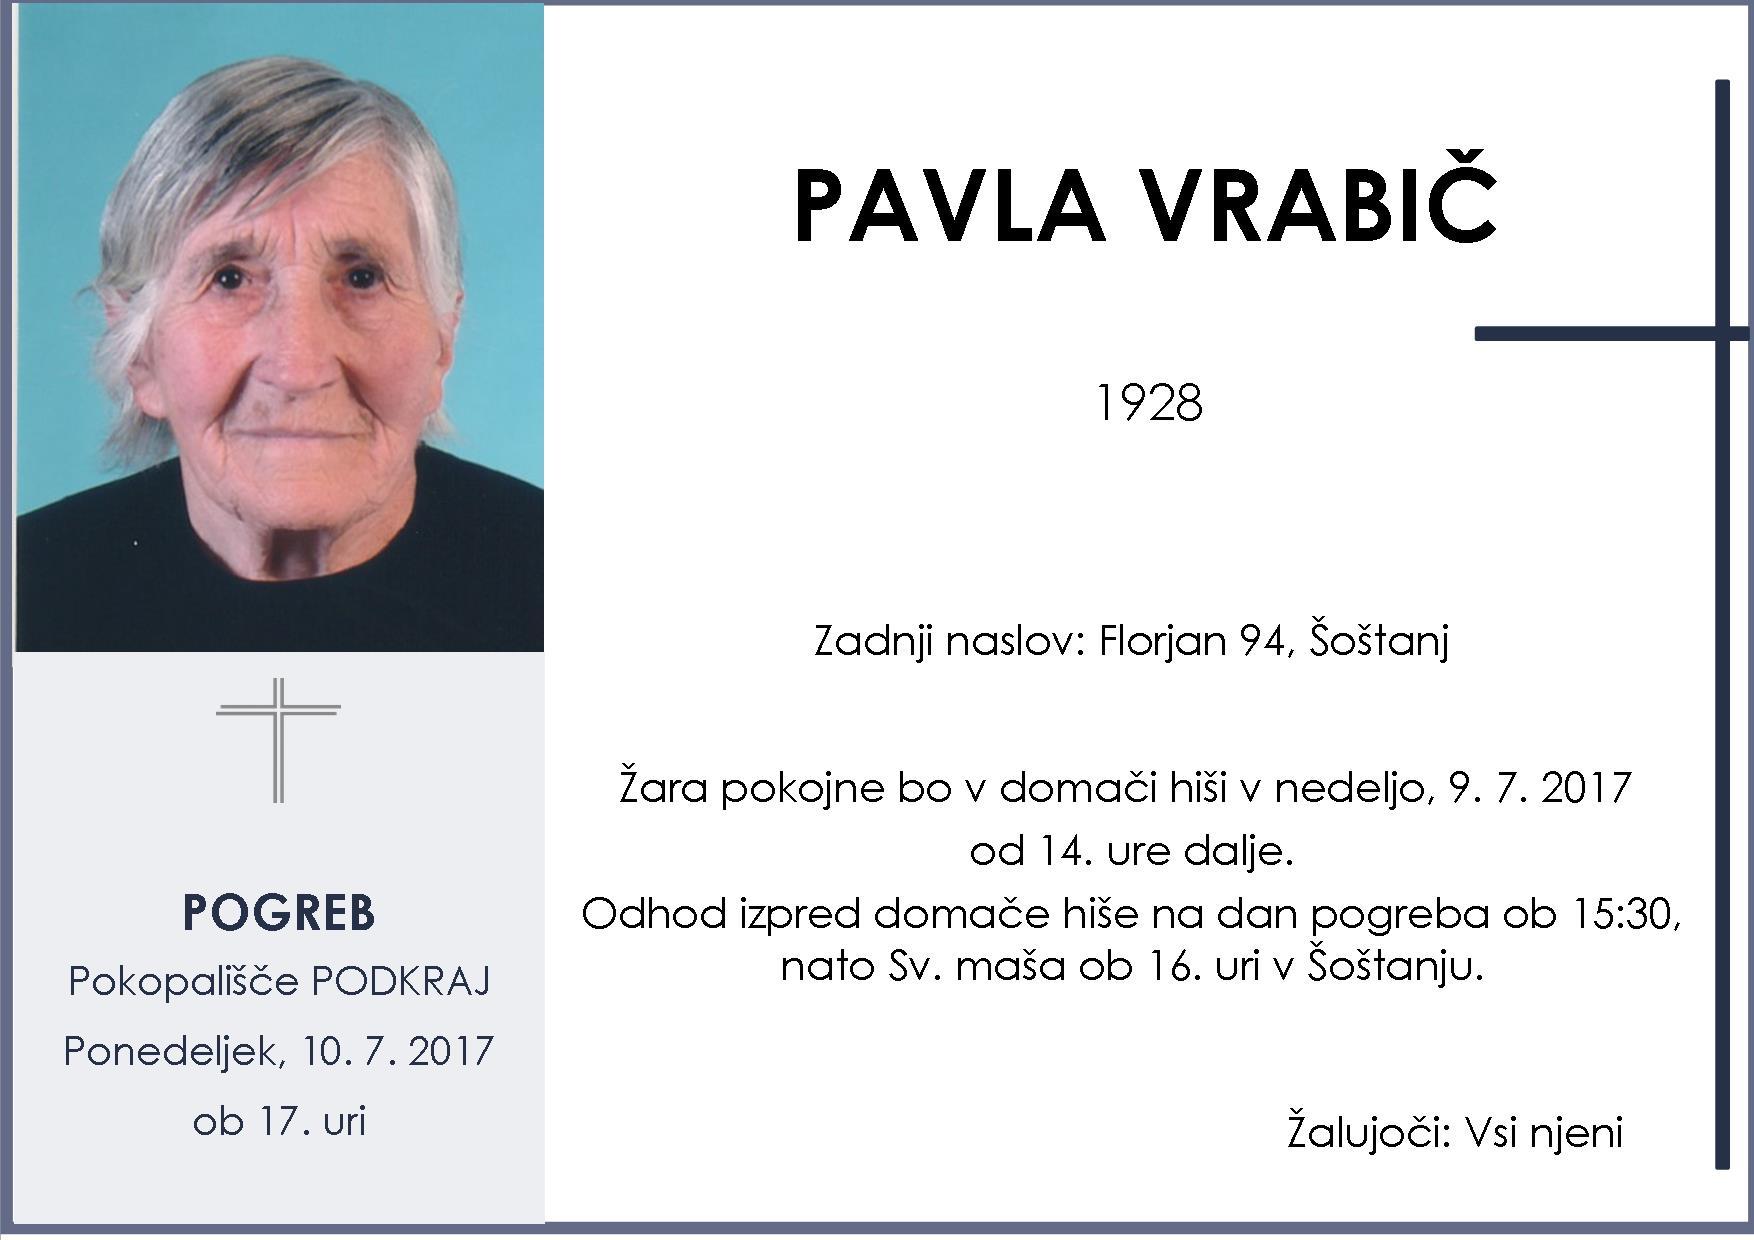 PAVLA VRABIČ, Podkraj, 10. 7. 2017